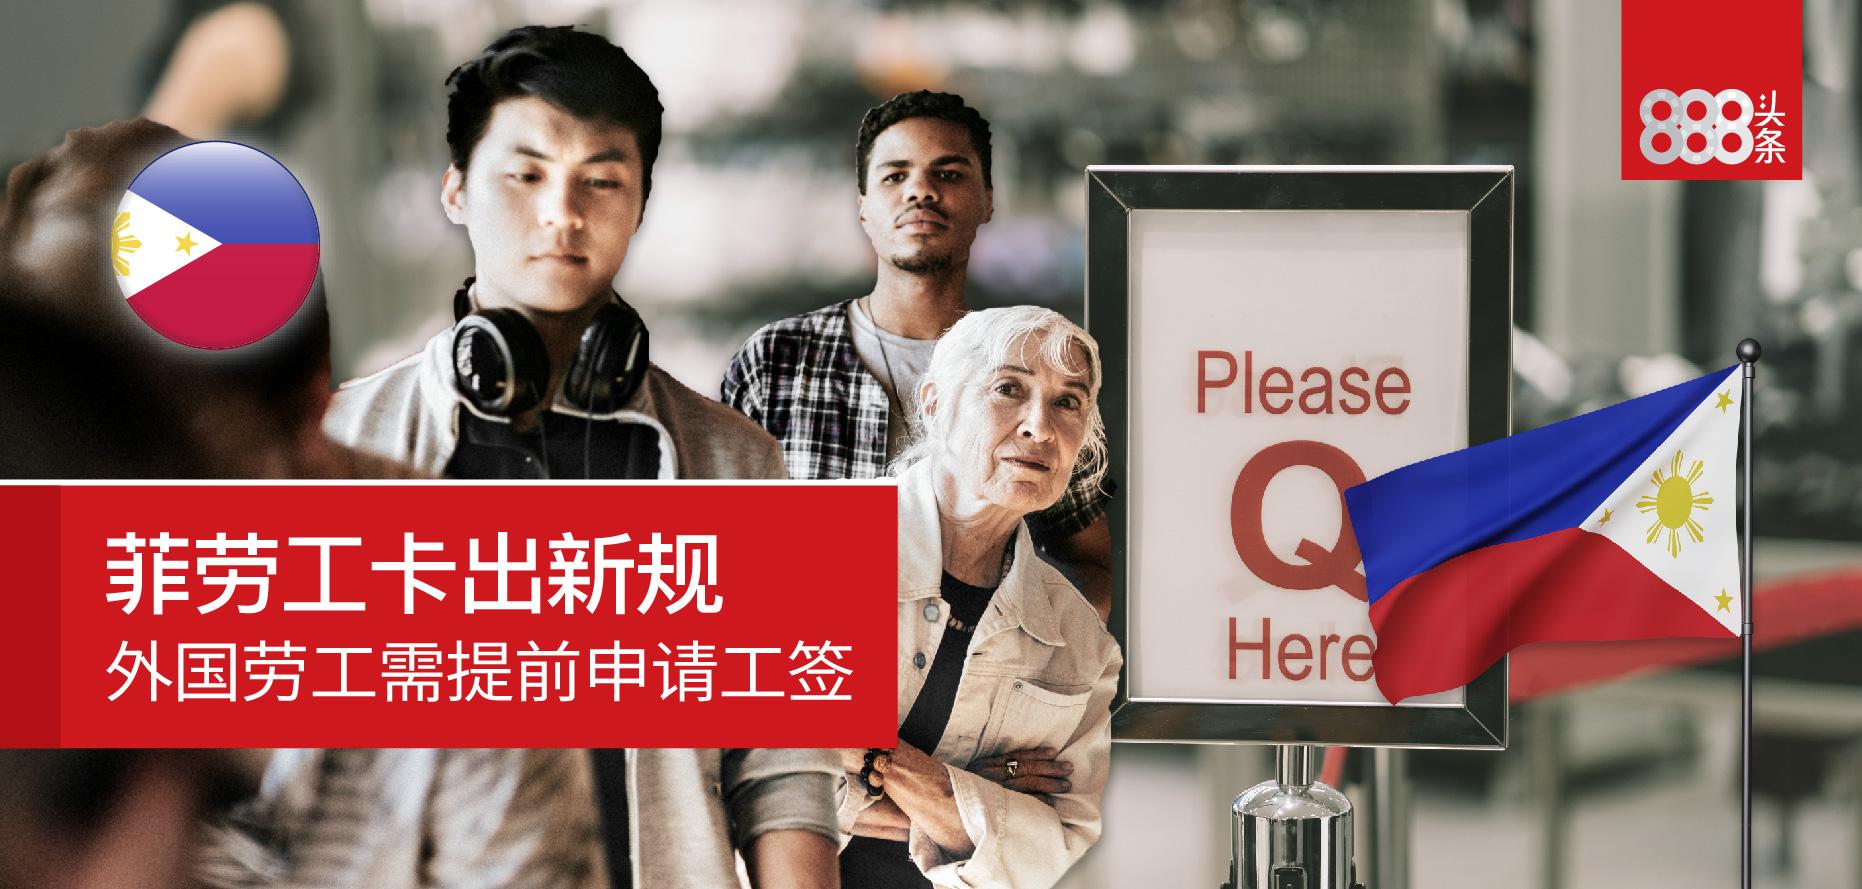 【热议:菲新规,劳工入境前需先申请工签】